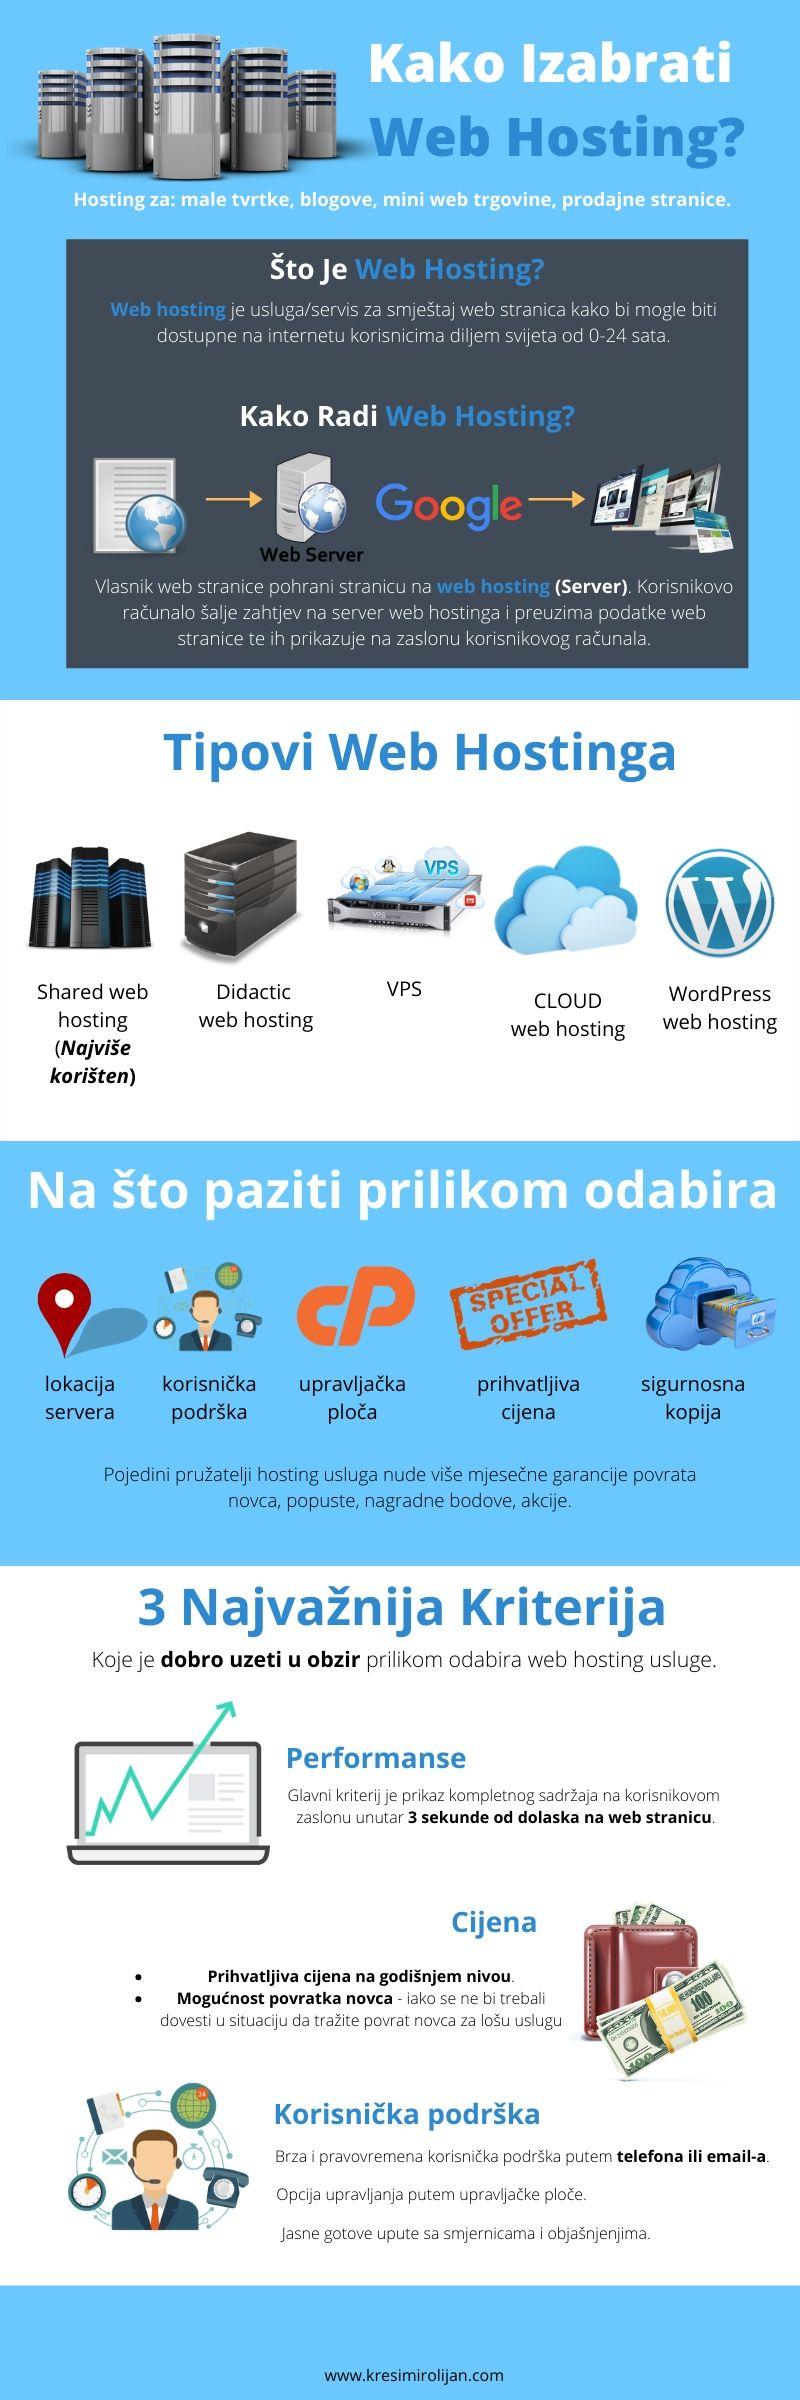 web hosting hrvatska, kako izabrati web hosting i domenu za svoje potrebe i na što paziti prilikom izbora hostinga.